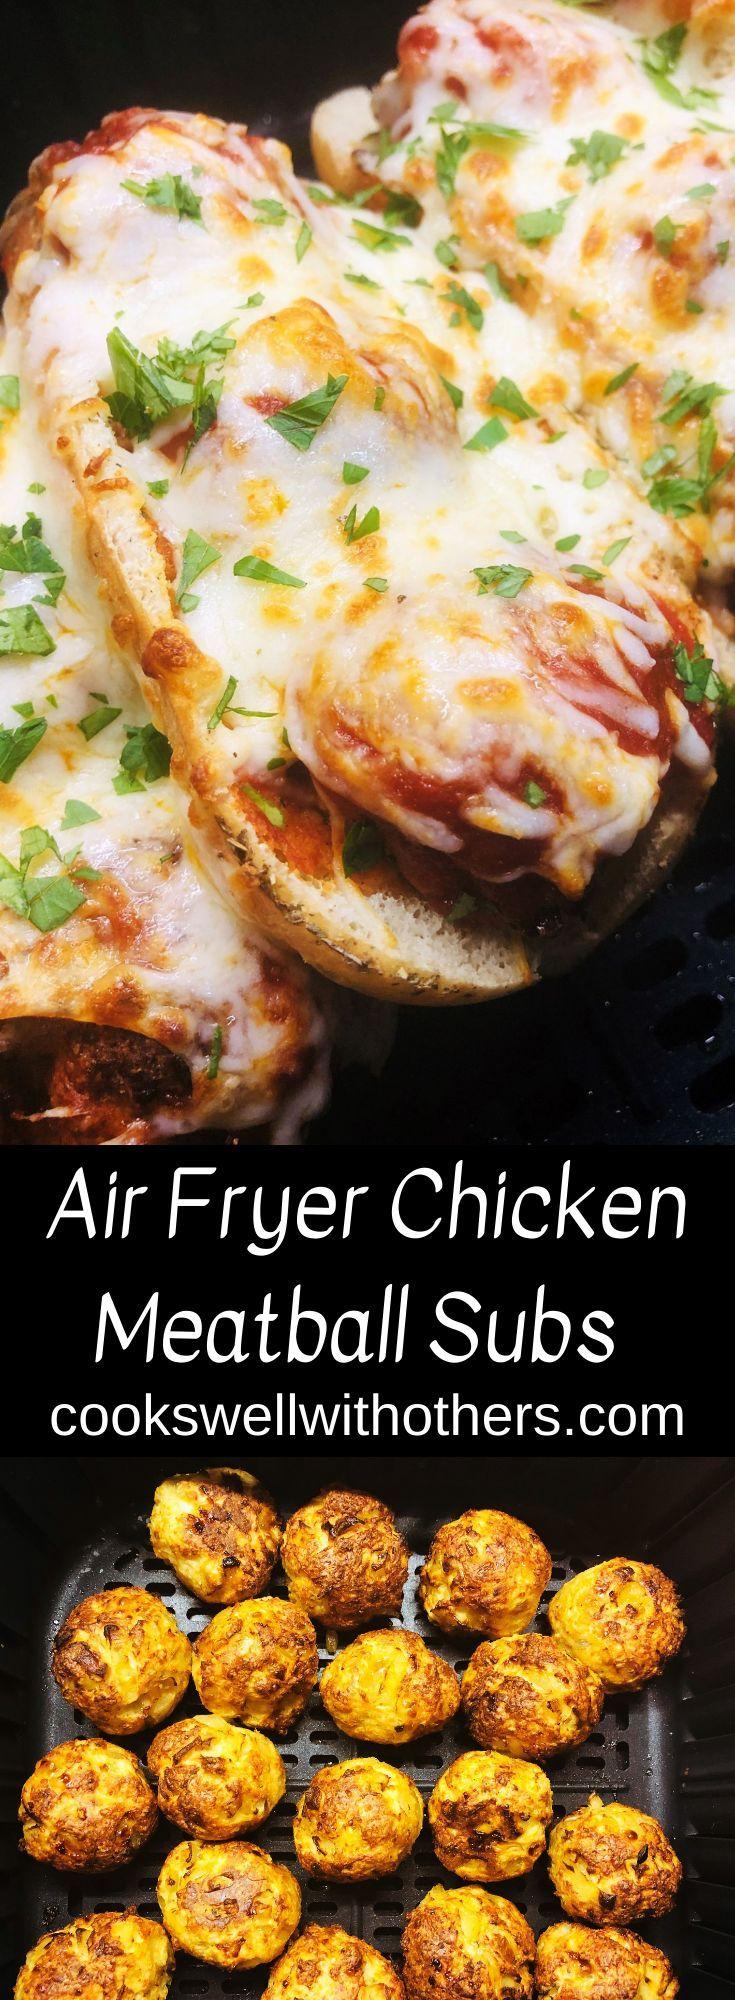 Air Fryer Chicken Meatball Subs Air fryer chicken